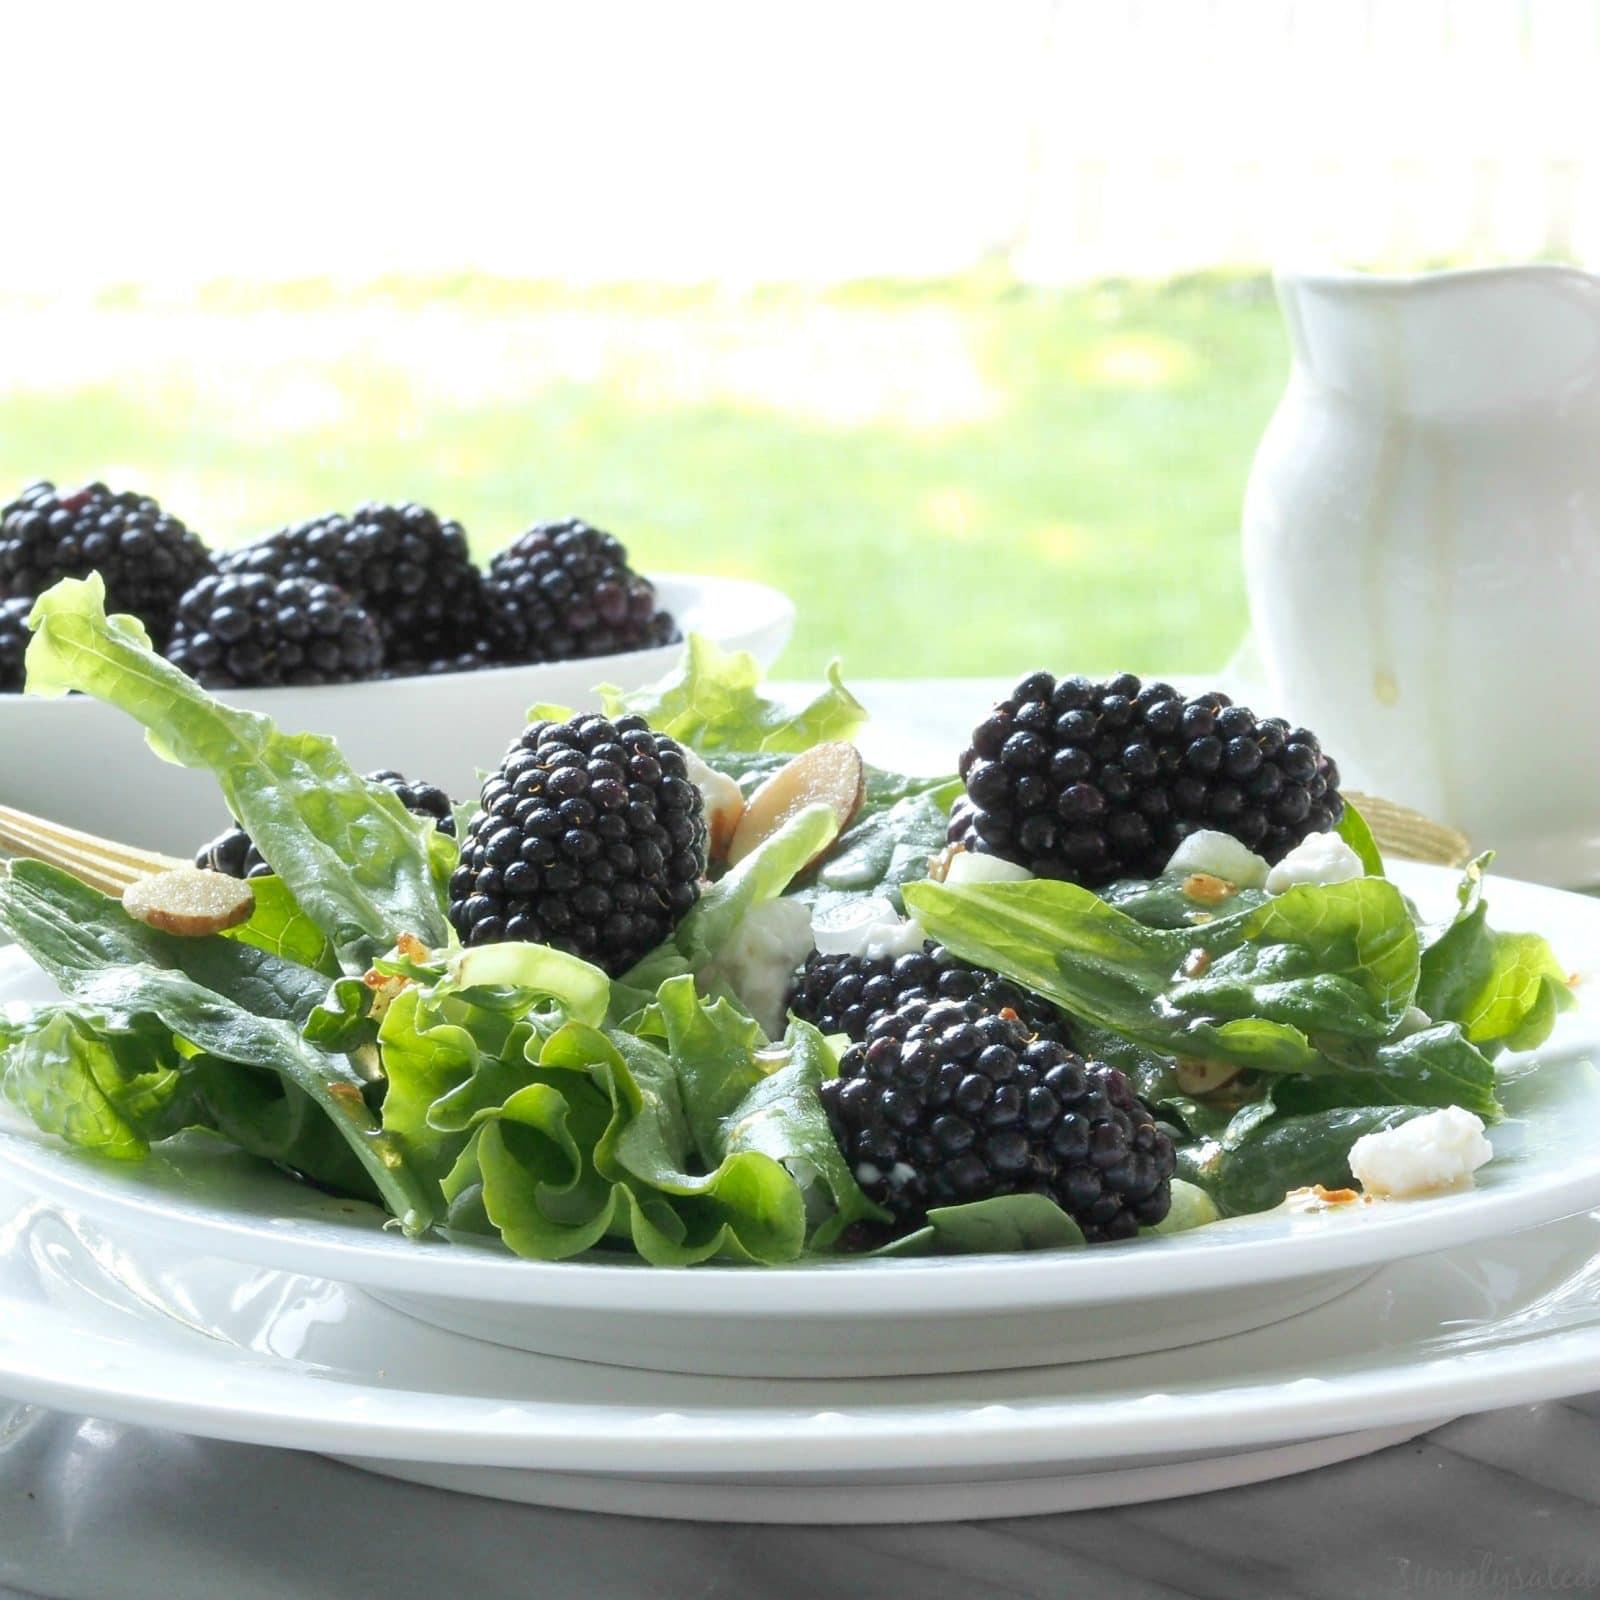 Blackberries & Greens Salad - a fantastic, healthy salad with blackberries, greens & almonds. www.simplysated.com